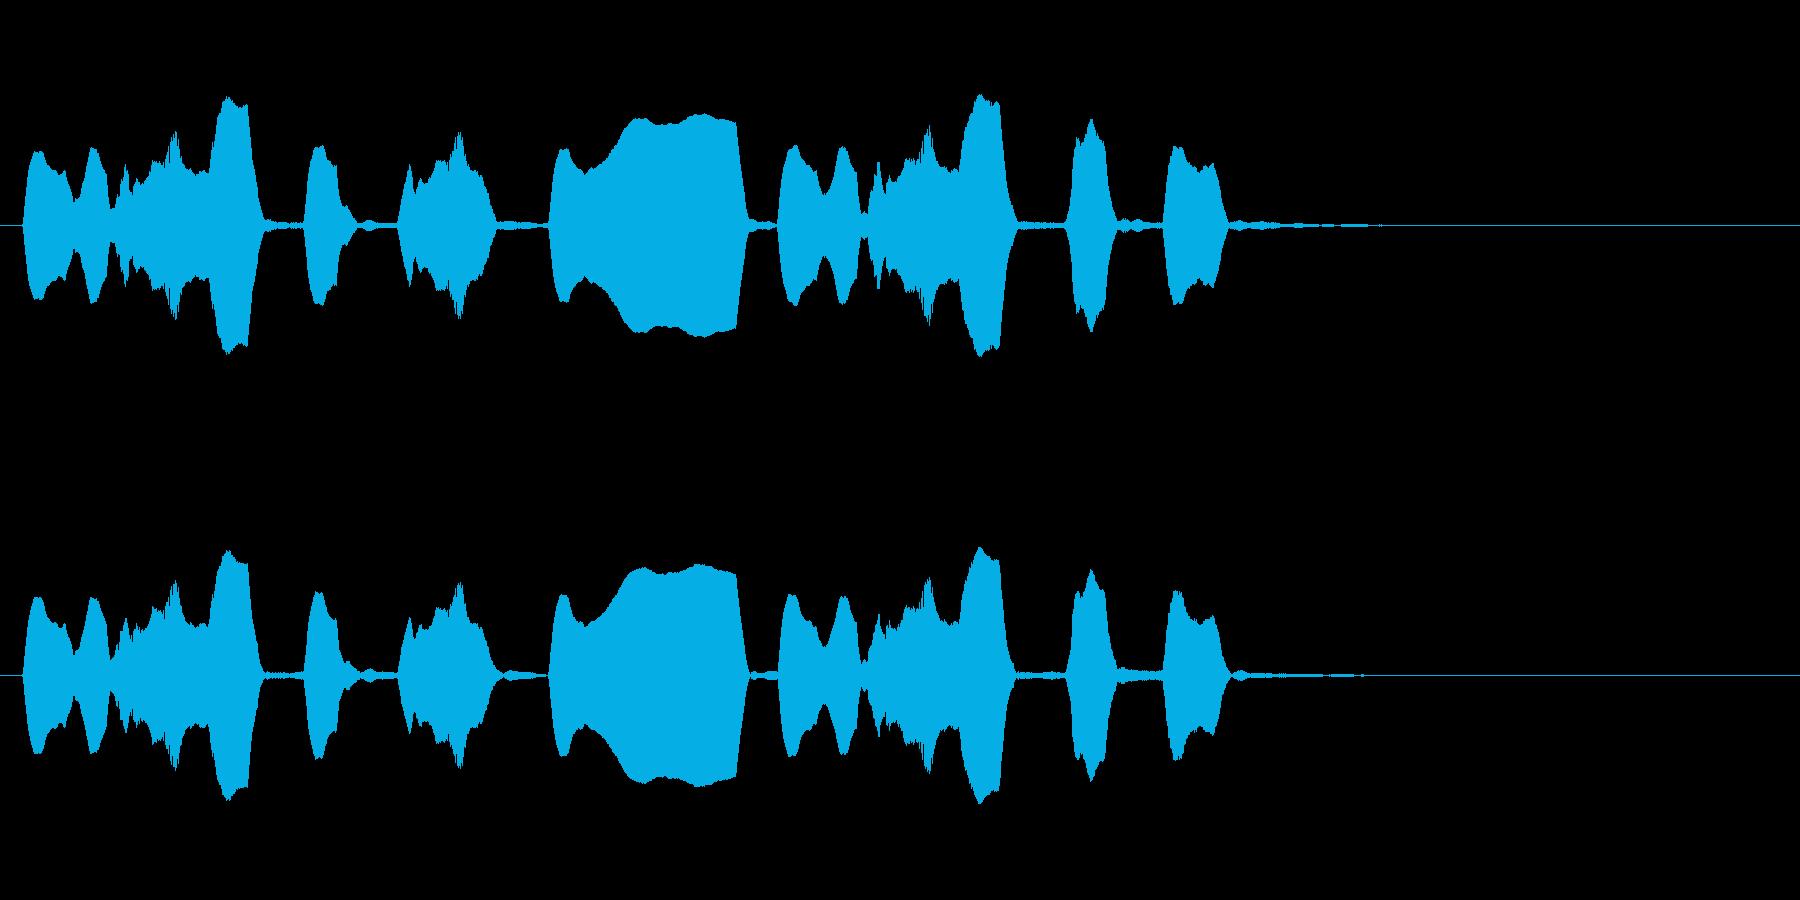 ジングル リコーダー 軽快 愉快の再生済みの波形